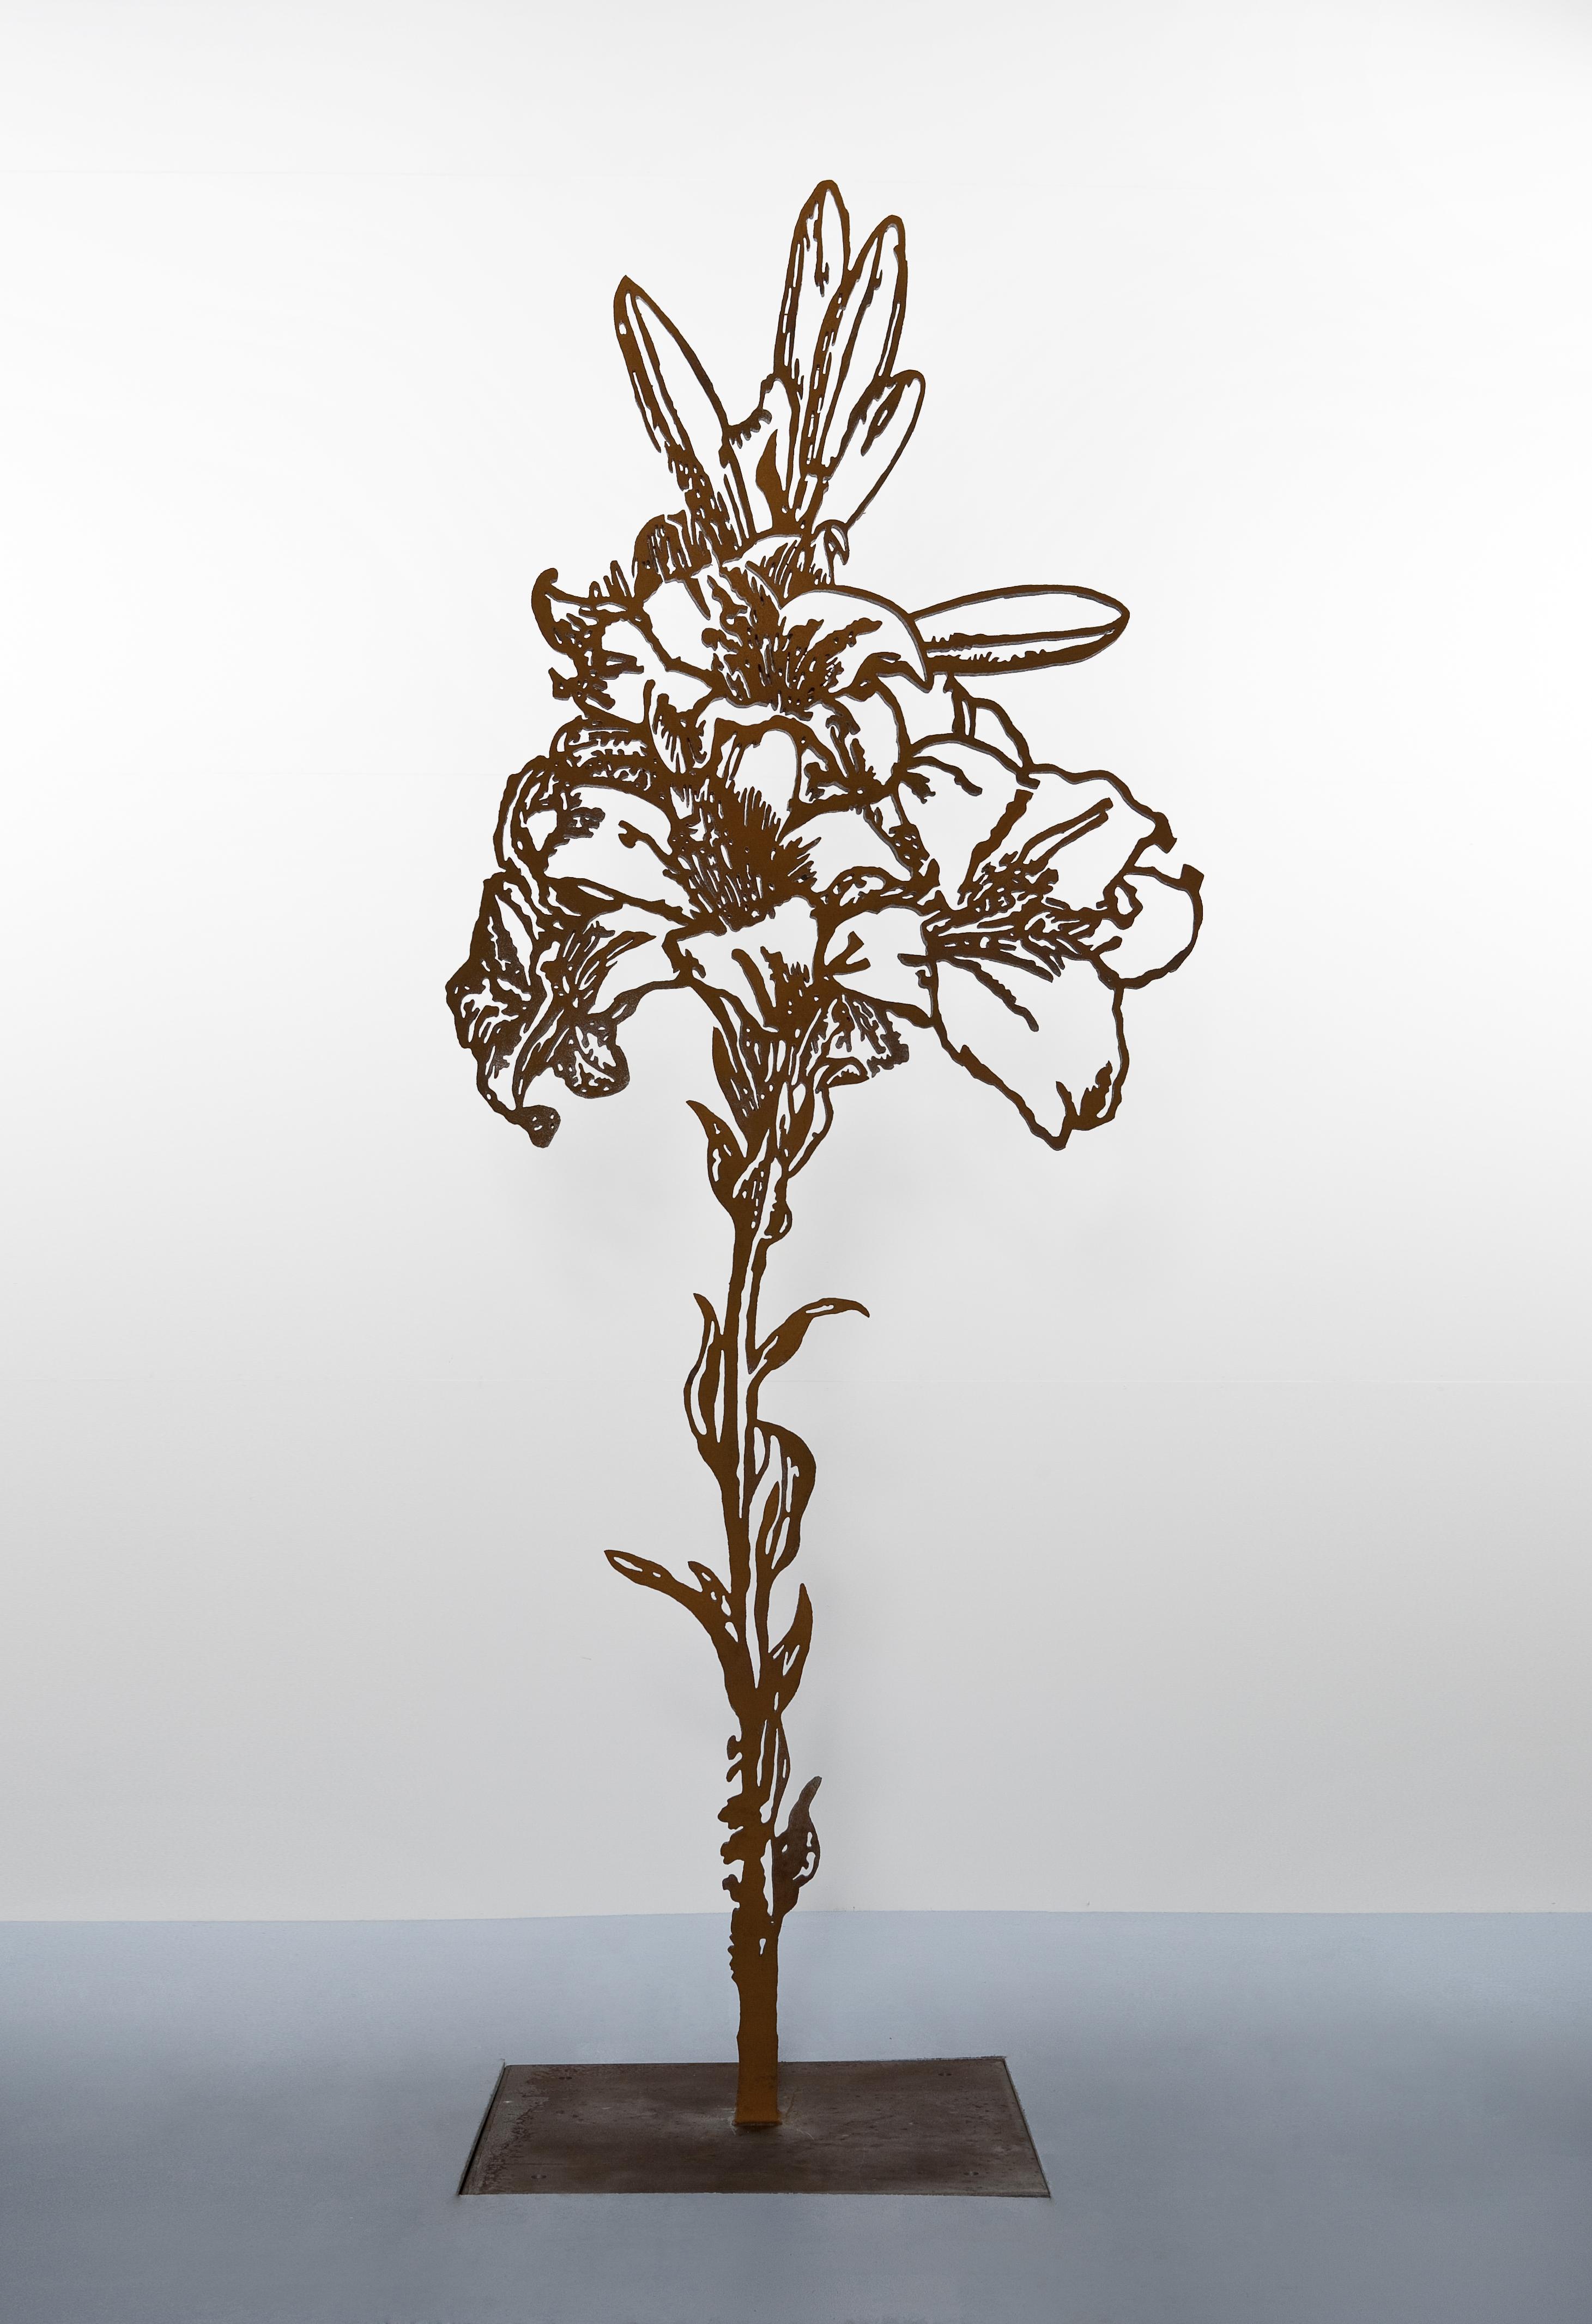 Wild Grow, 2010